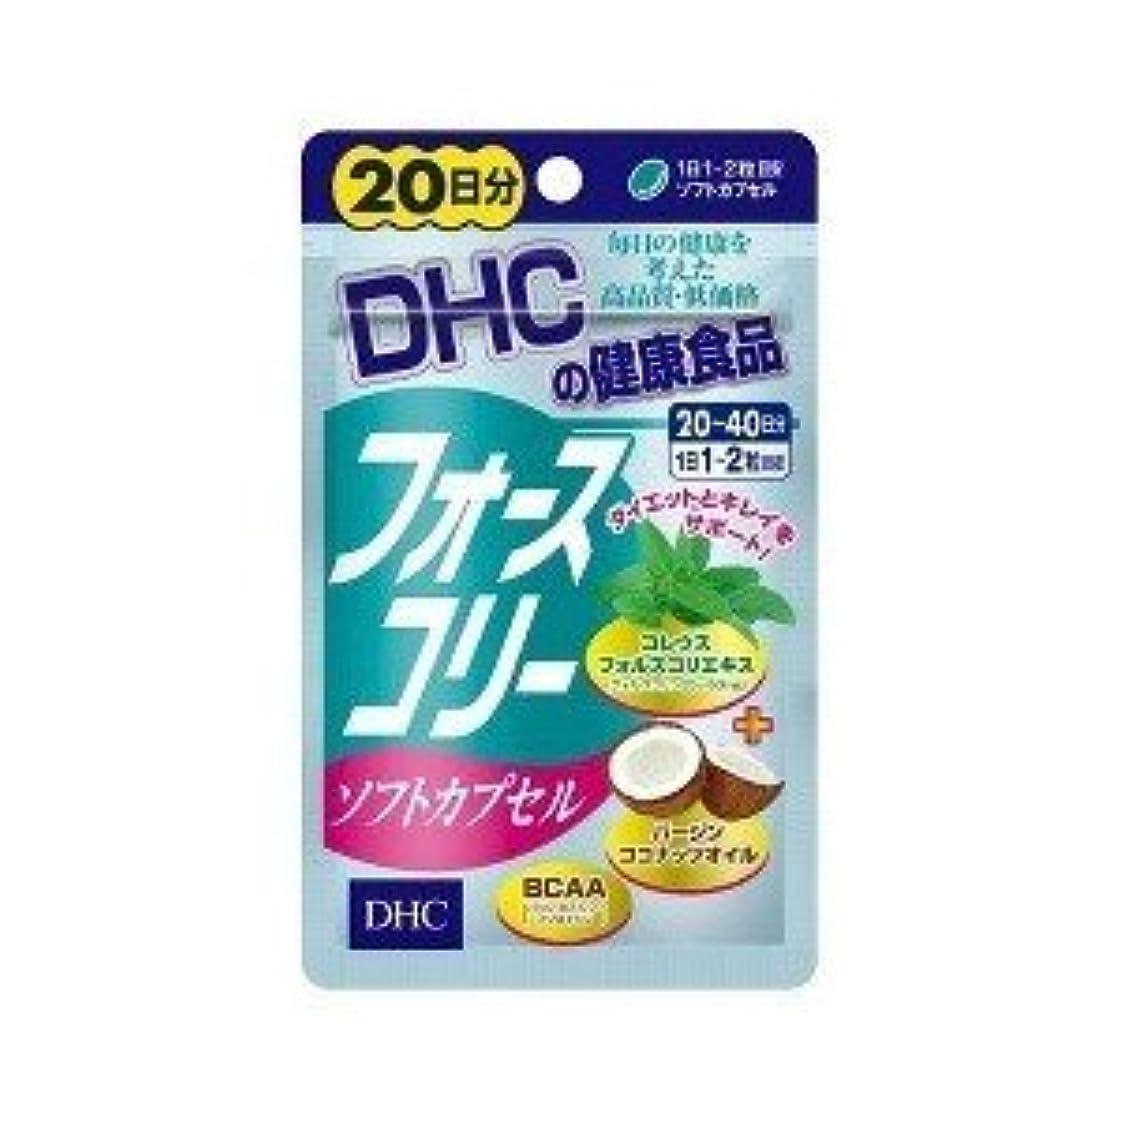 冗談でフロント鮮やかな(2017年春の新商品)DHC フォースコリー ソフトカプセル 20日分 40粒